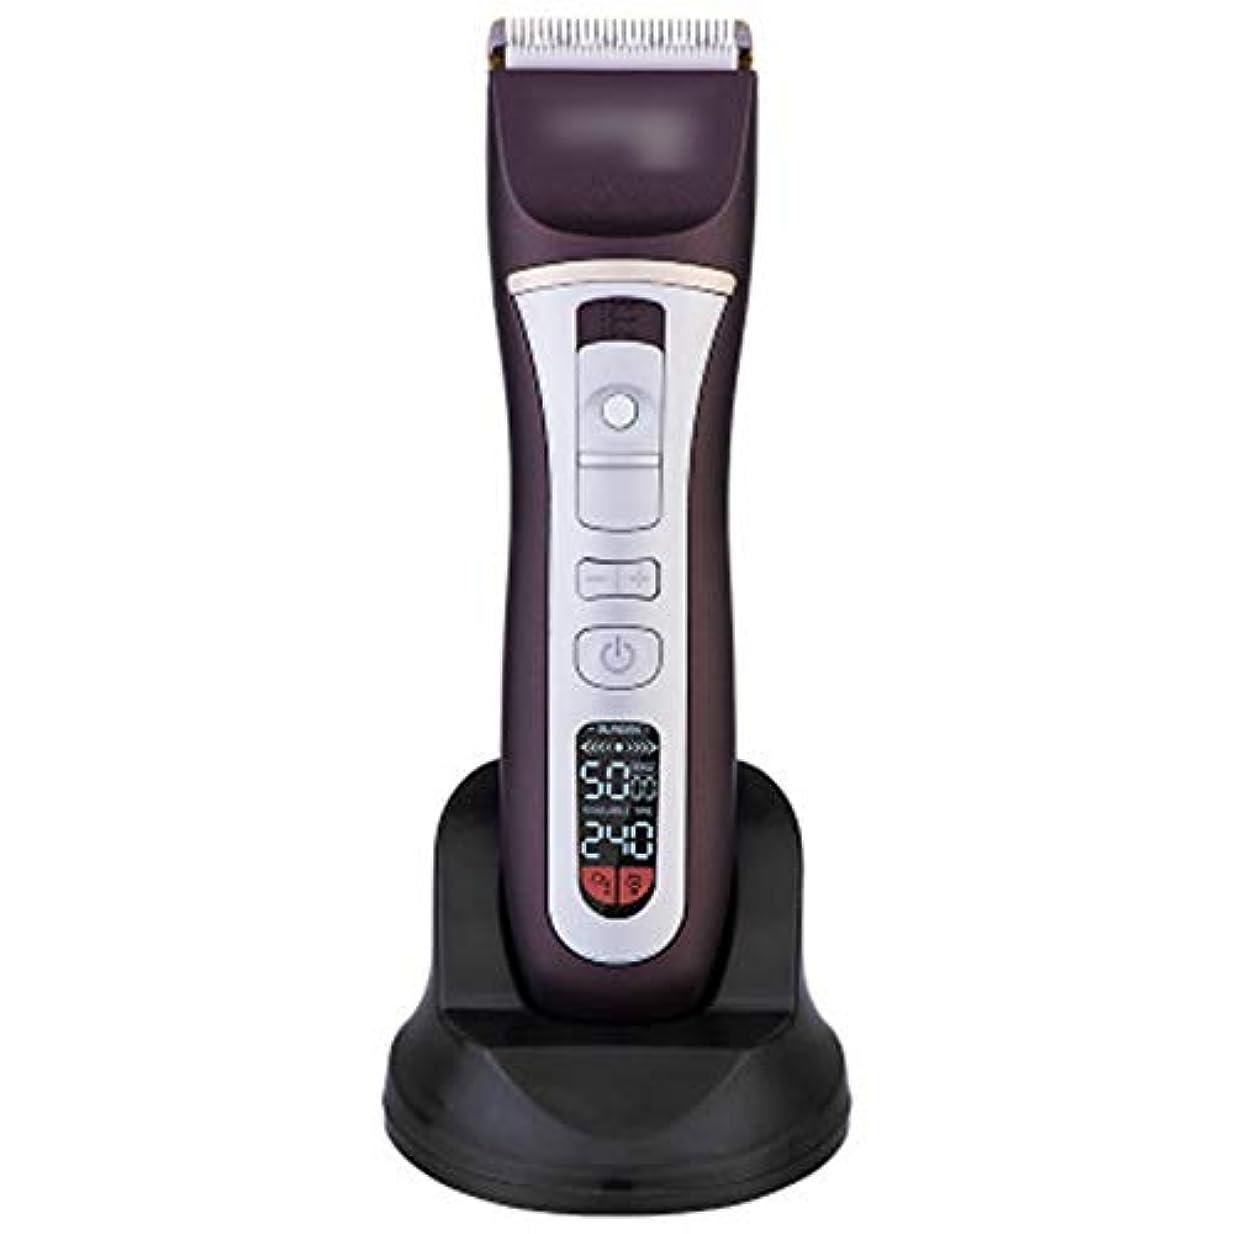 魅力的悪意人WAKABAFK 充電式バリカン液晶ディスプレイヘアカッター電気シェーバー髭トリマーかみそり (色 : 黒)